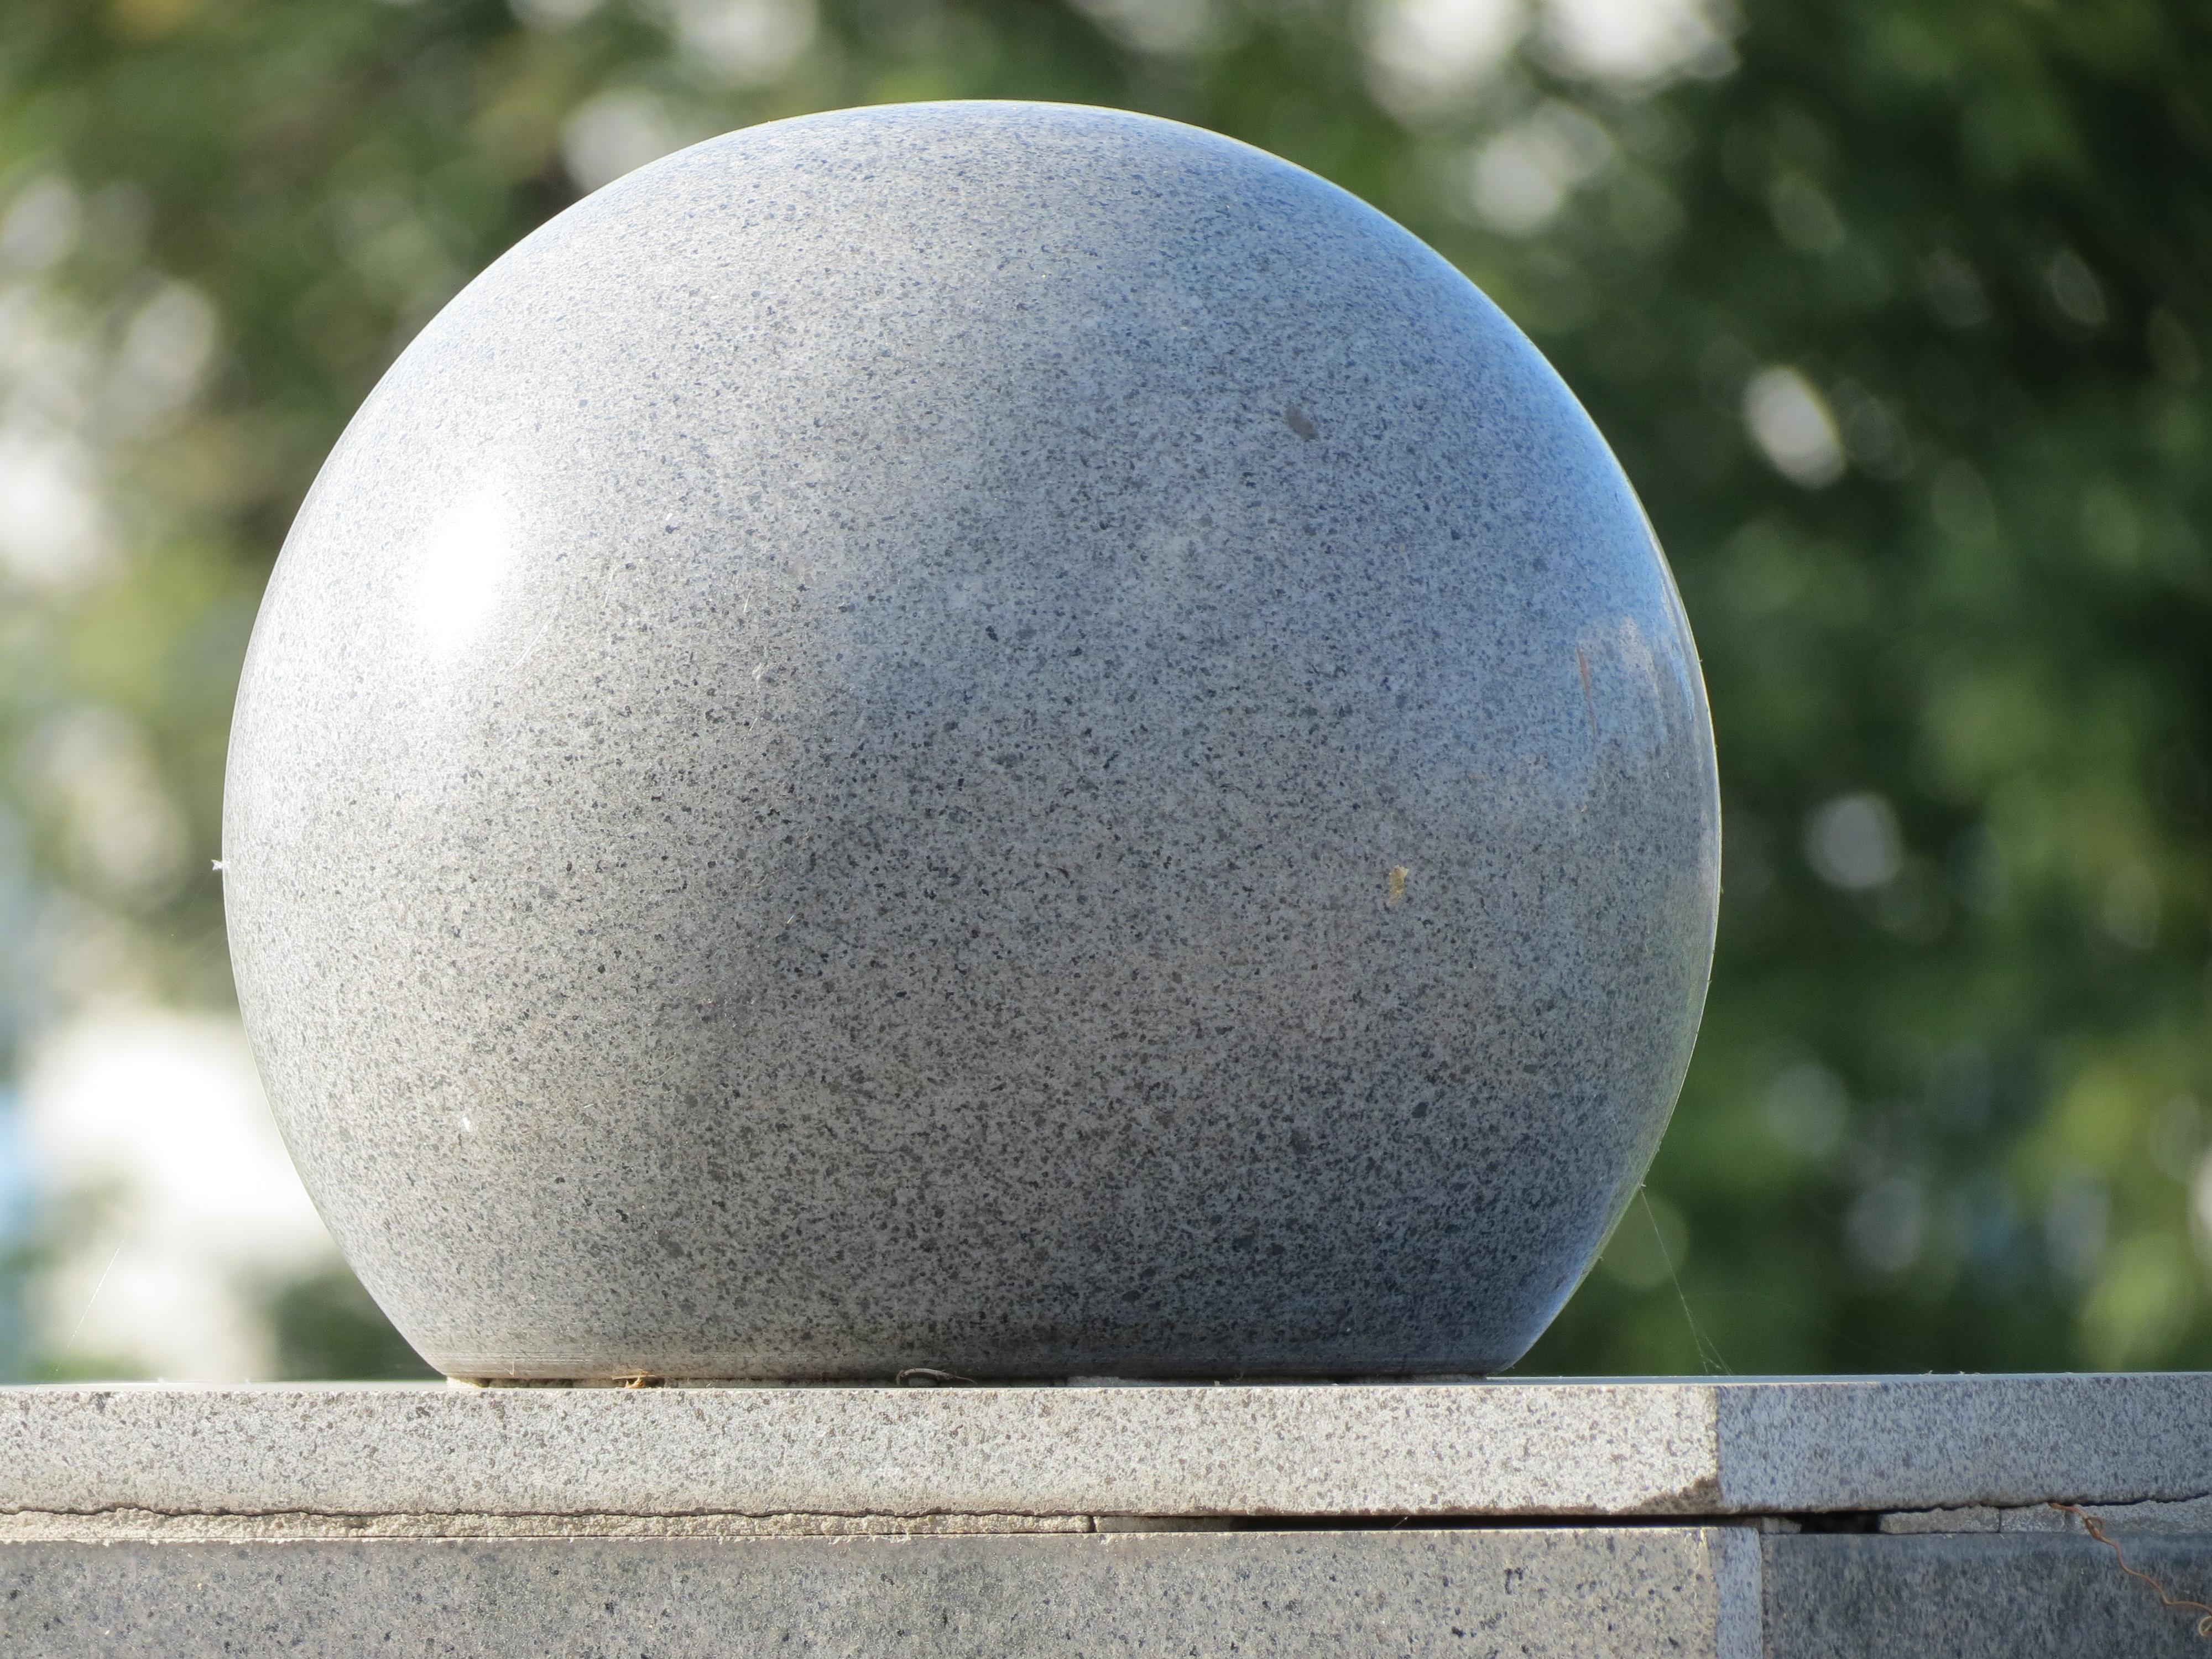 Мраморный шар, обои для рабочего стола, фотография высокого разрешения